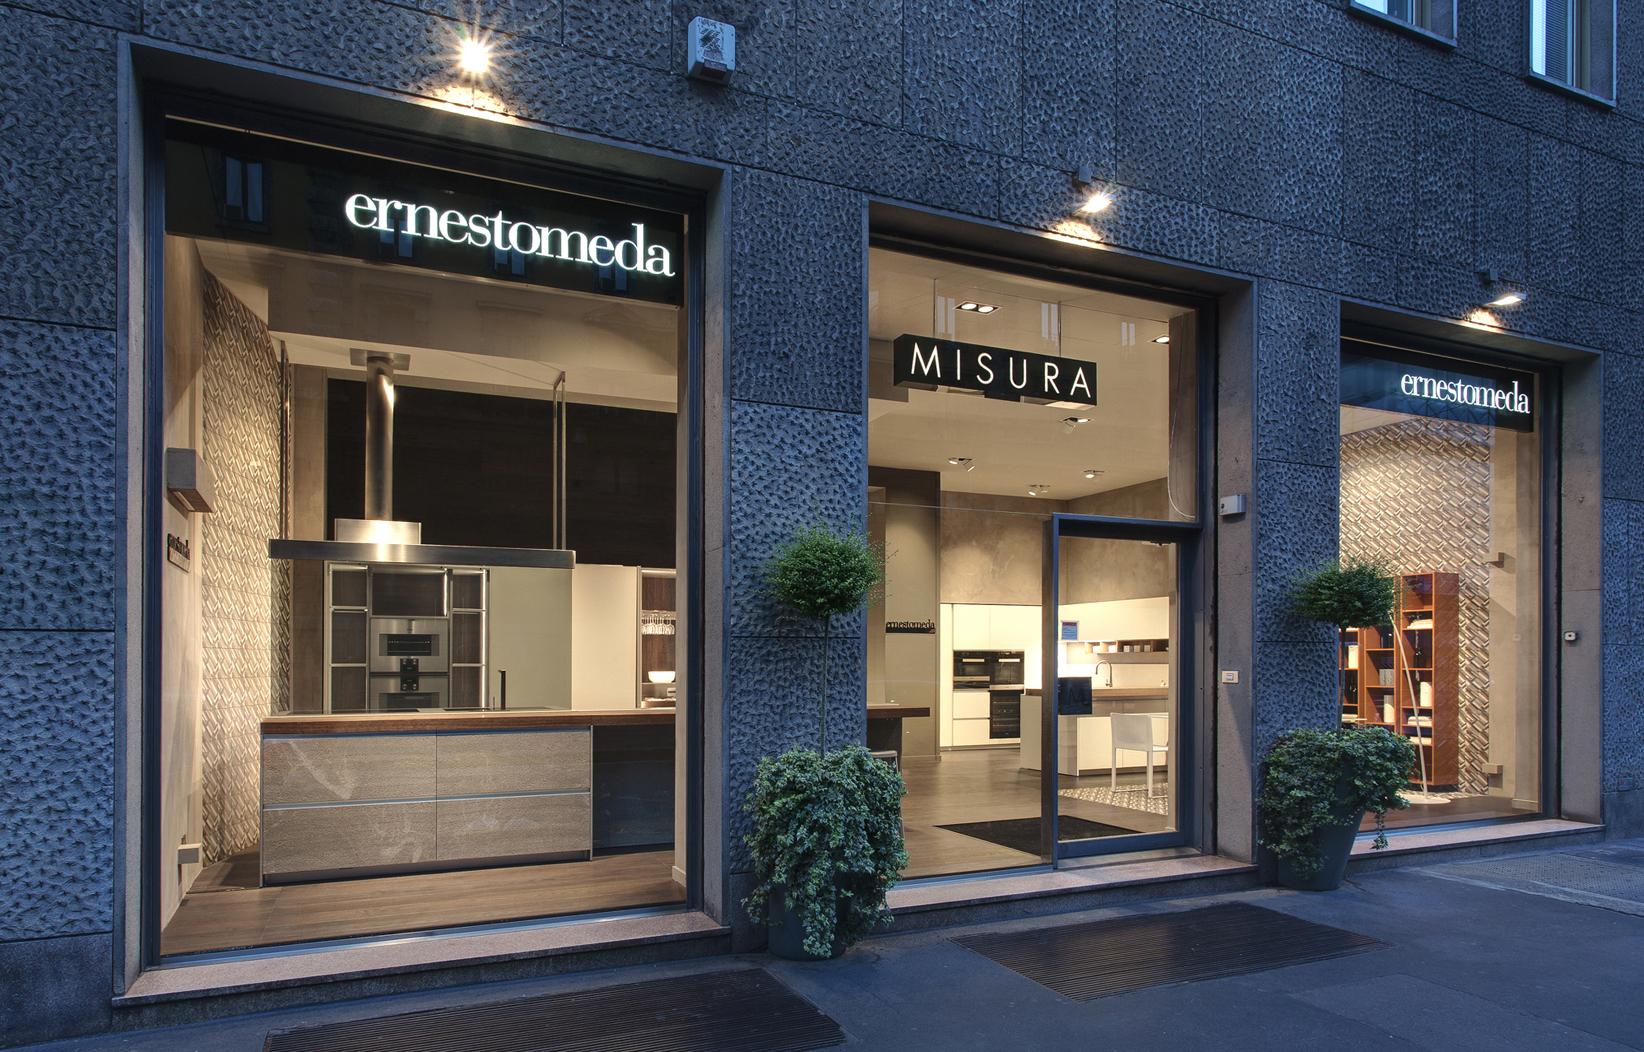 Nuovo spazio flagship ernestomeda a milano for Misura arredamenti milano